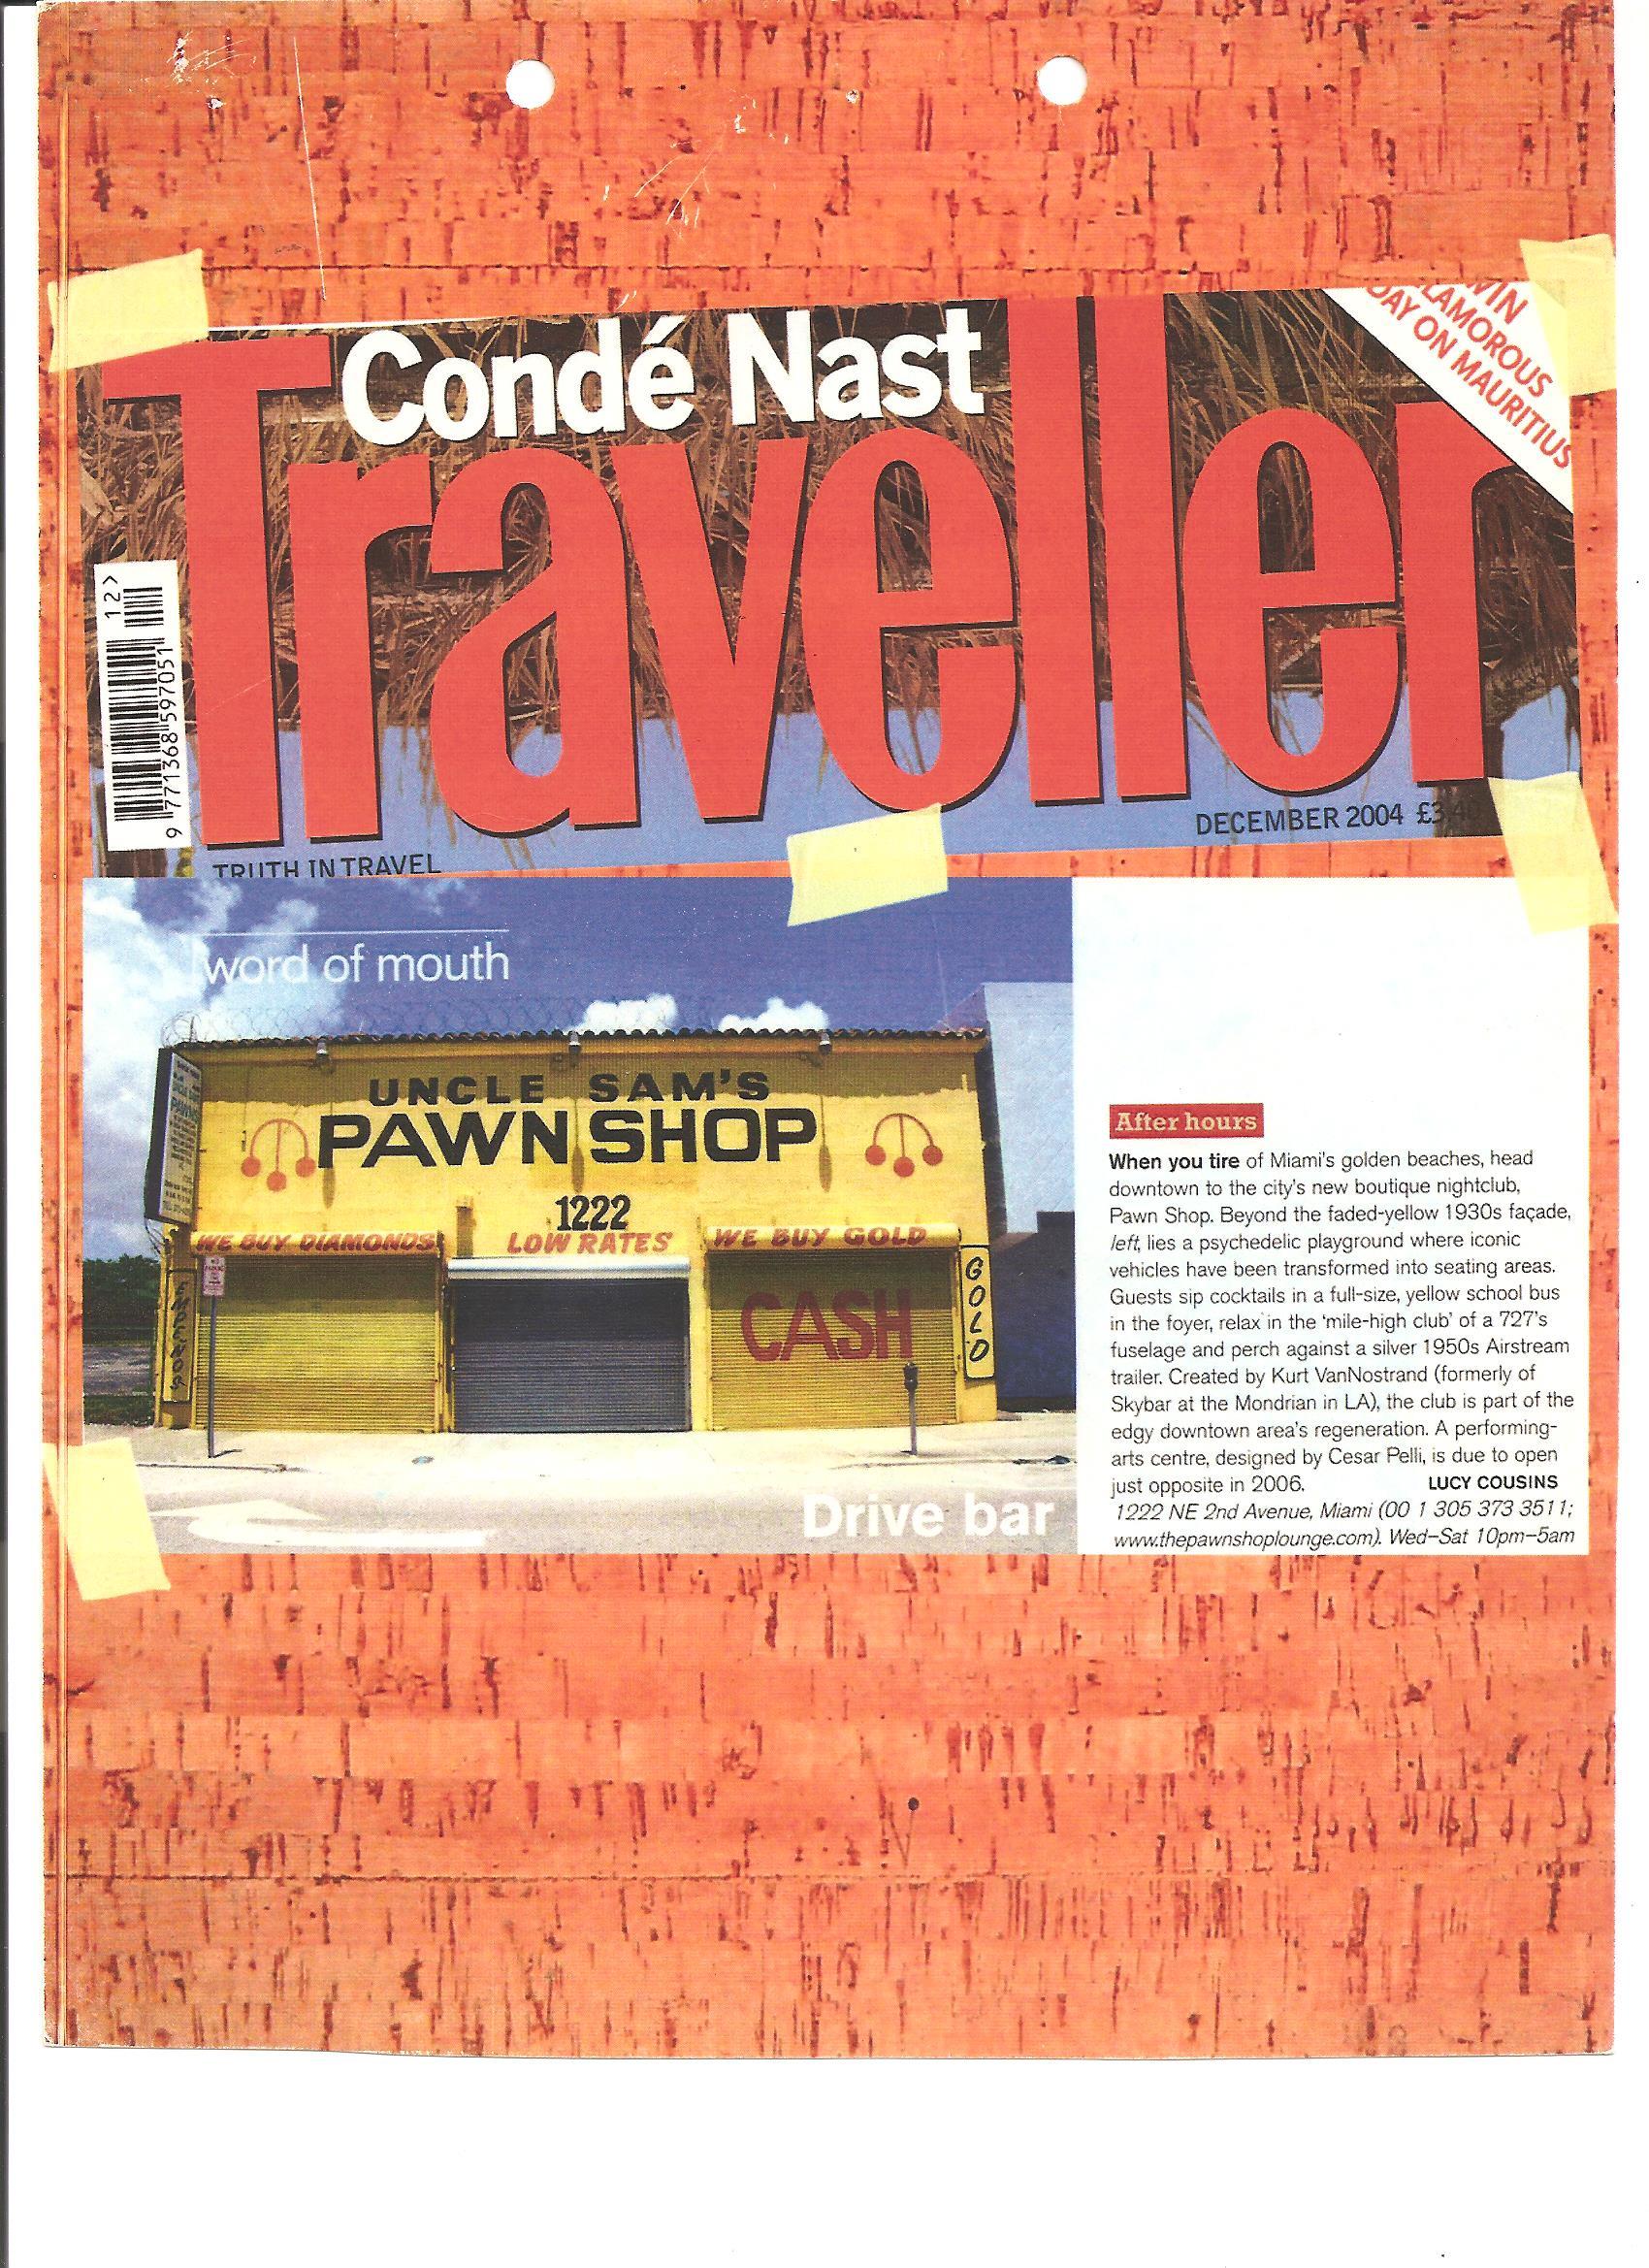 Conde Nast Article